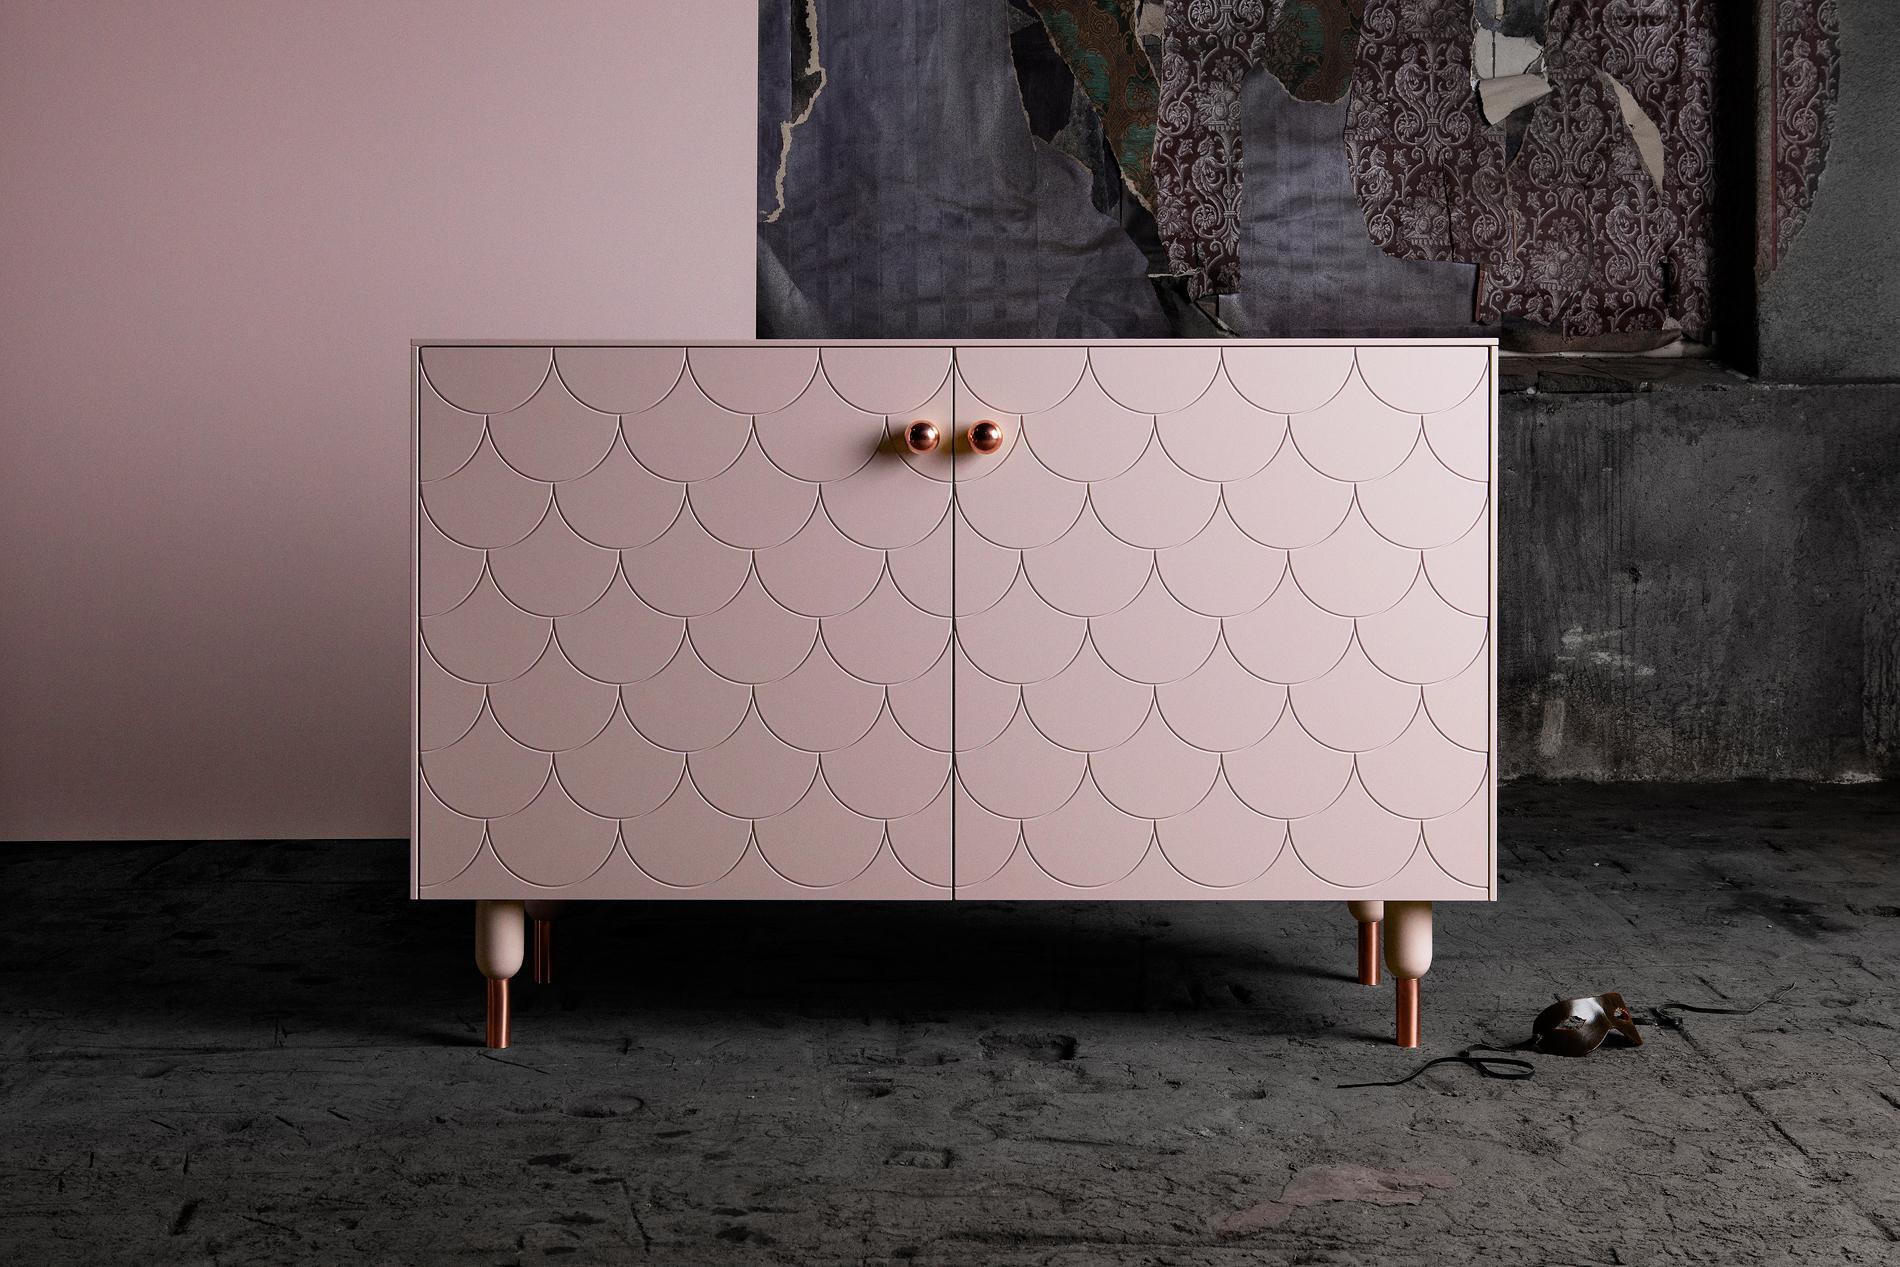 Dix Conseils Pour Customiser Ses Meubles Ikea - Madame Figaro pour Revêtement Adhésif Pour Meuble Ikea